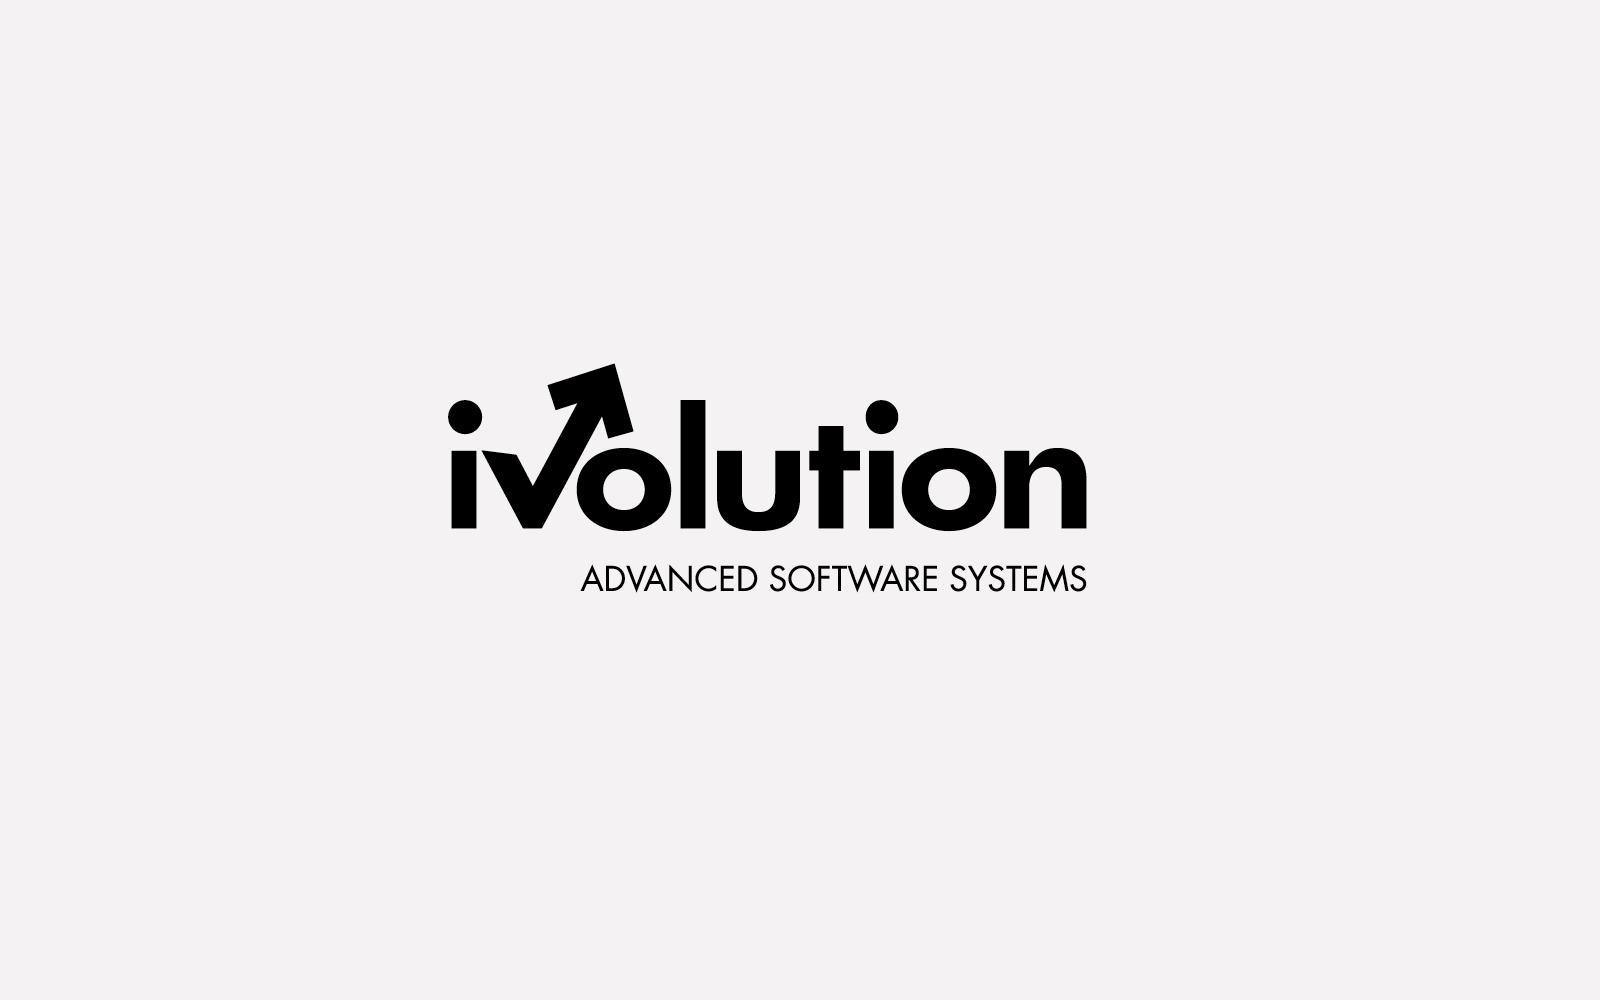 progetto marchio monocolore per azienda servizi informatici, ideato dallo studio di grafica diade studio arco di trento